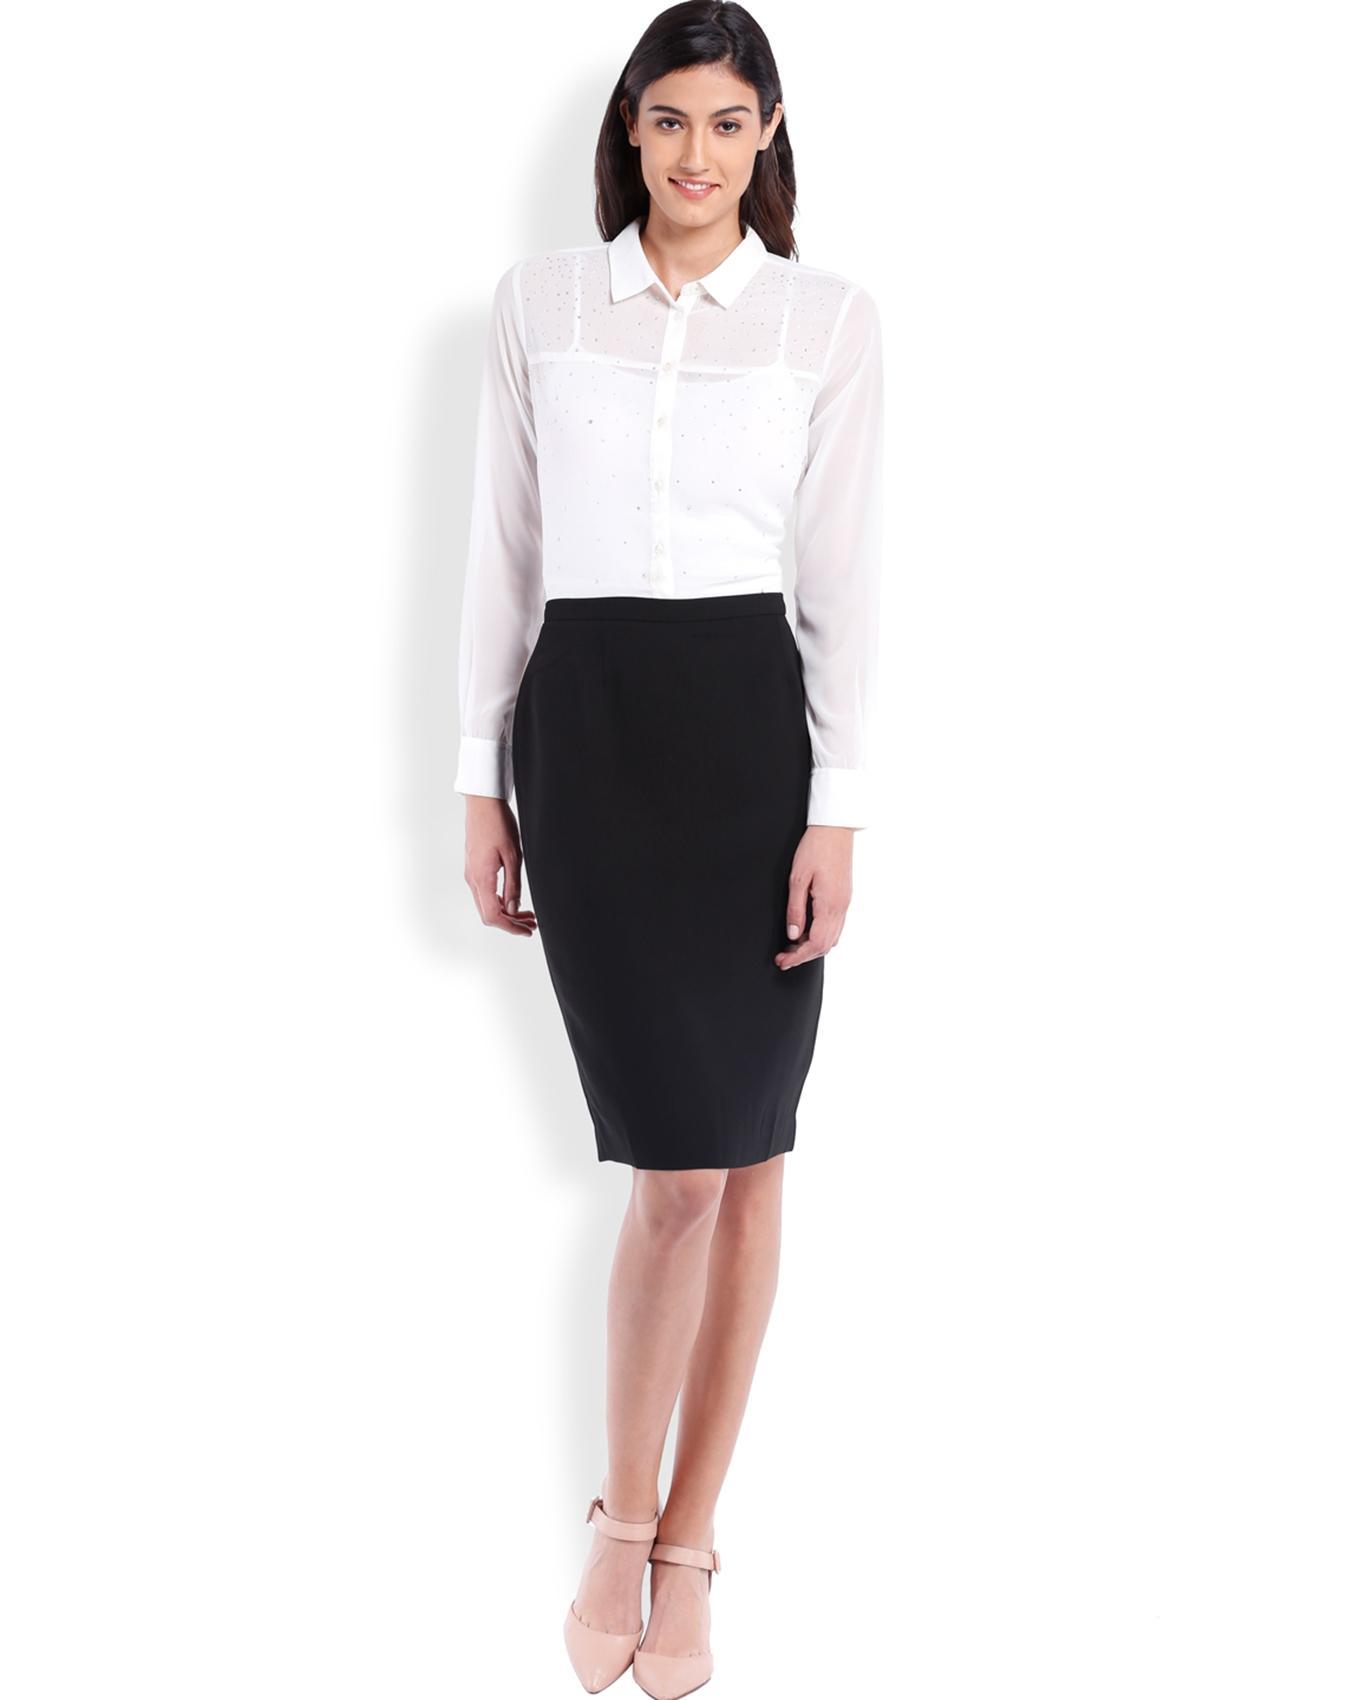 Skirt Blouse Prices In Sri Lanka Latest Skirt Blouse Designs